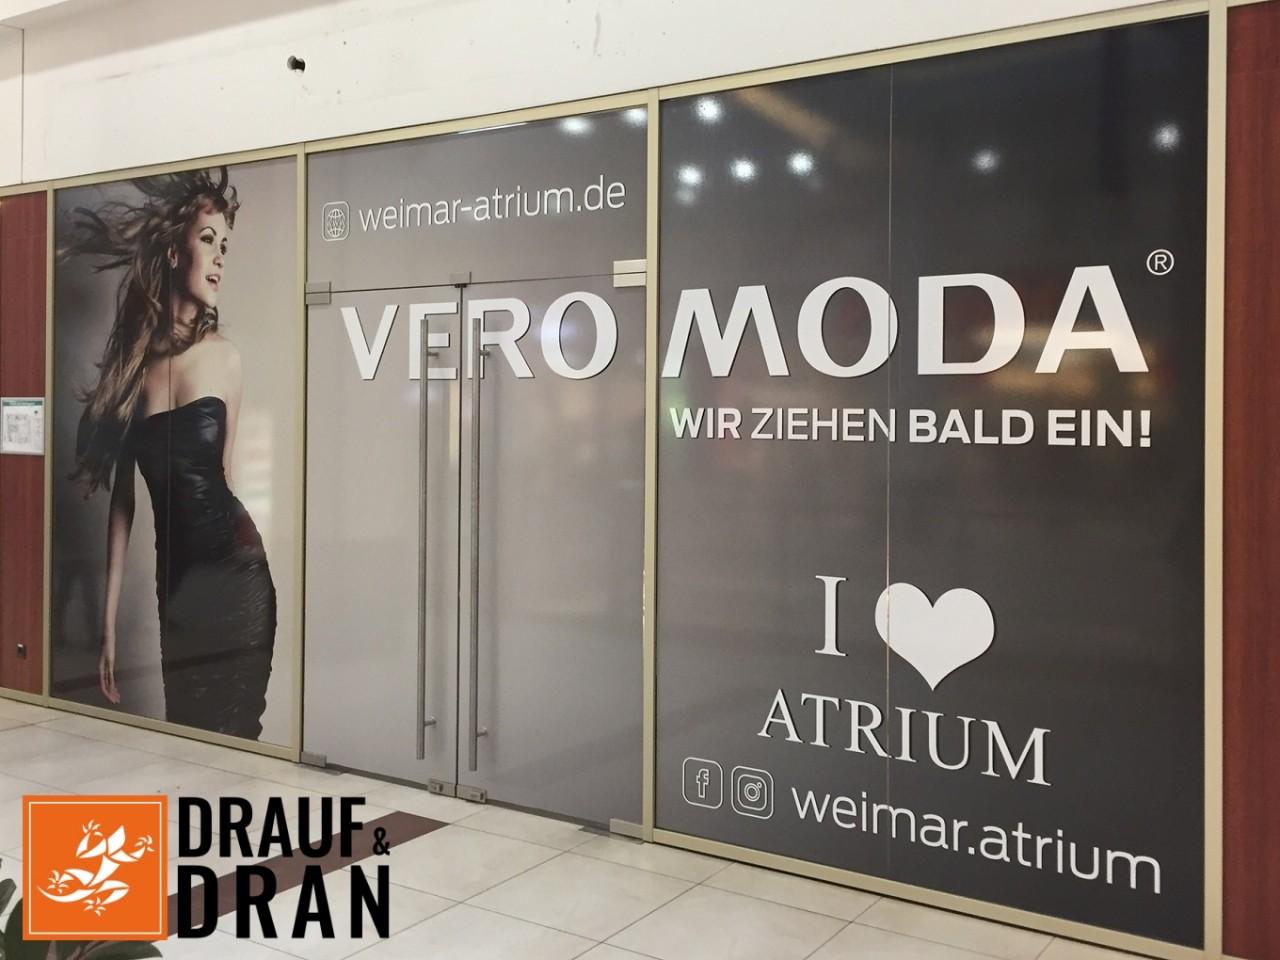 Drauf und Dran - Weimar Atrium